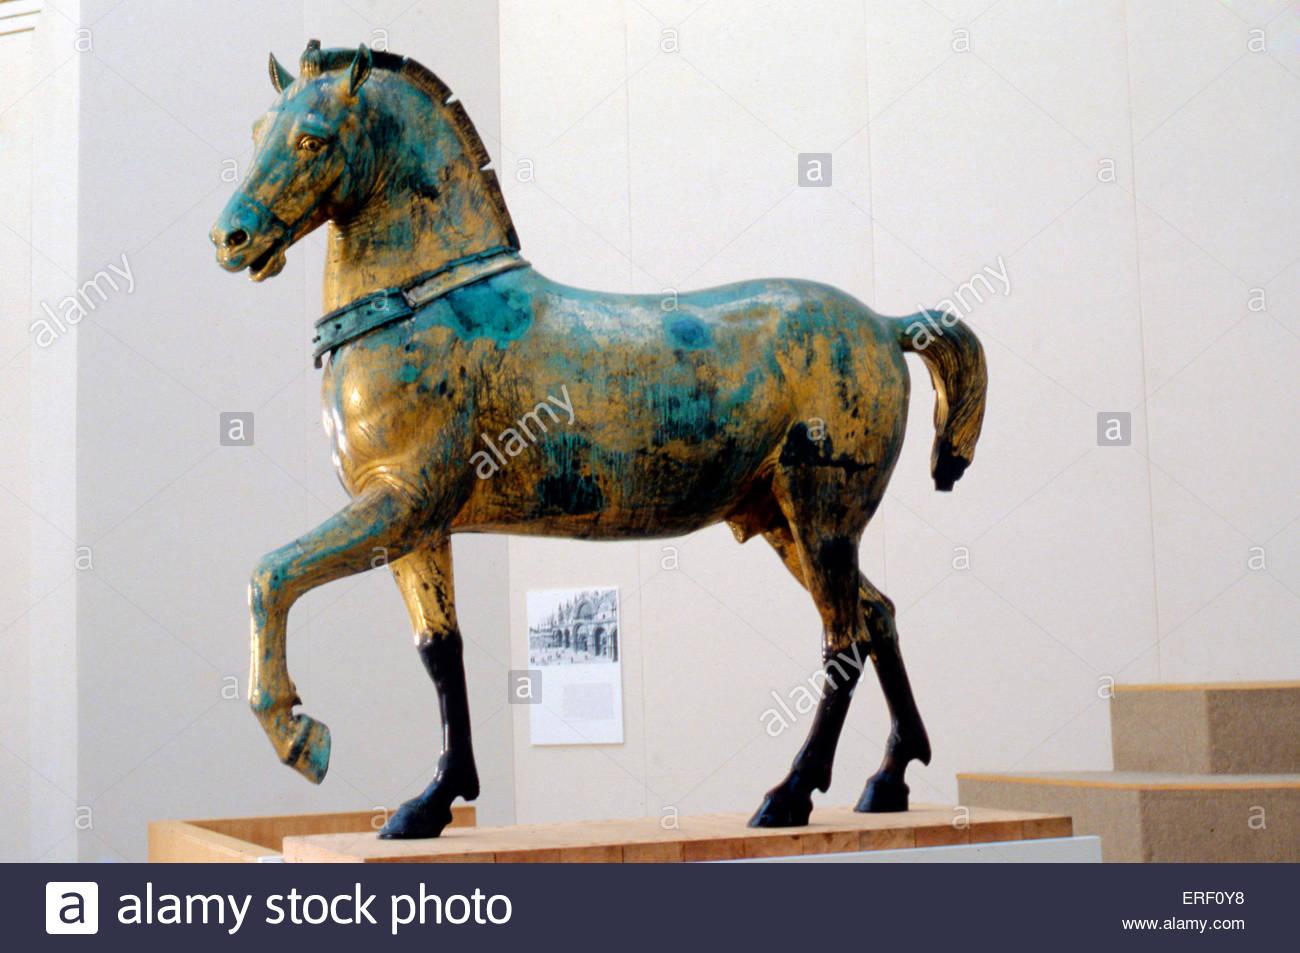 Les chevaux de Saint-marc - l'un des quatre chevaux de bronze à l'origine partie de quadriga (chariot Photo Stock